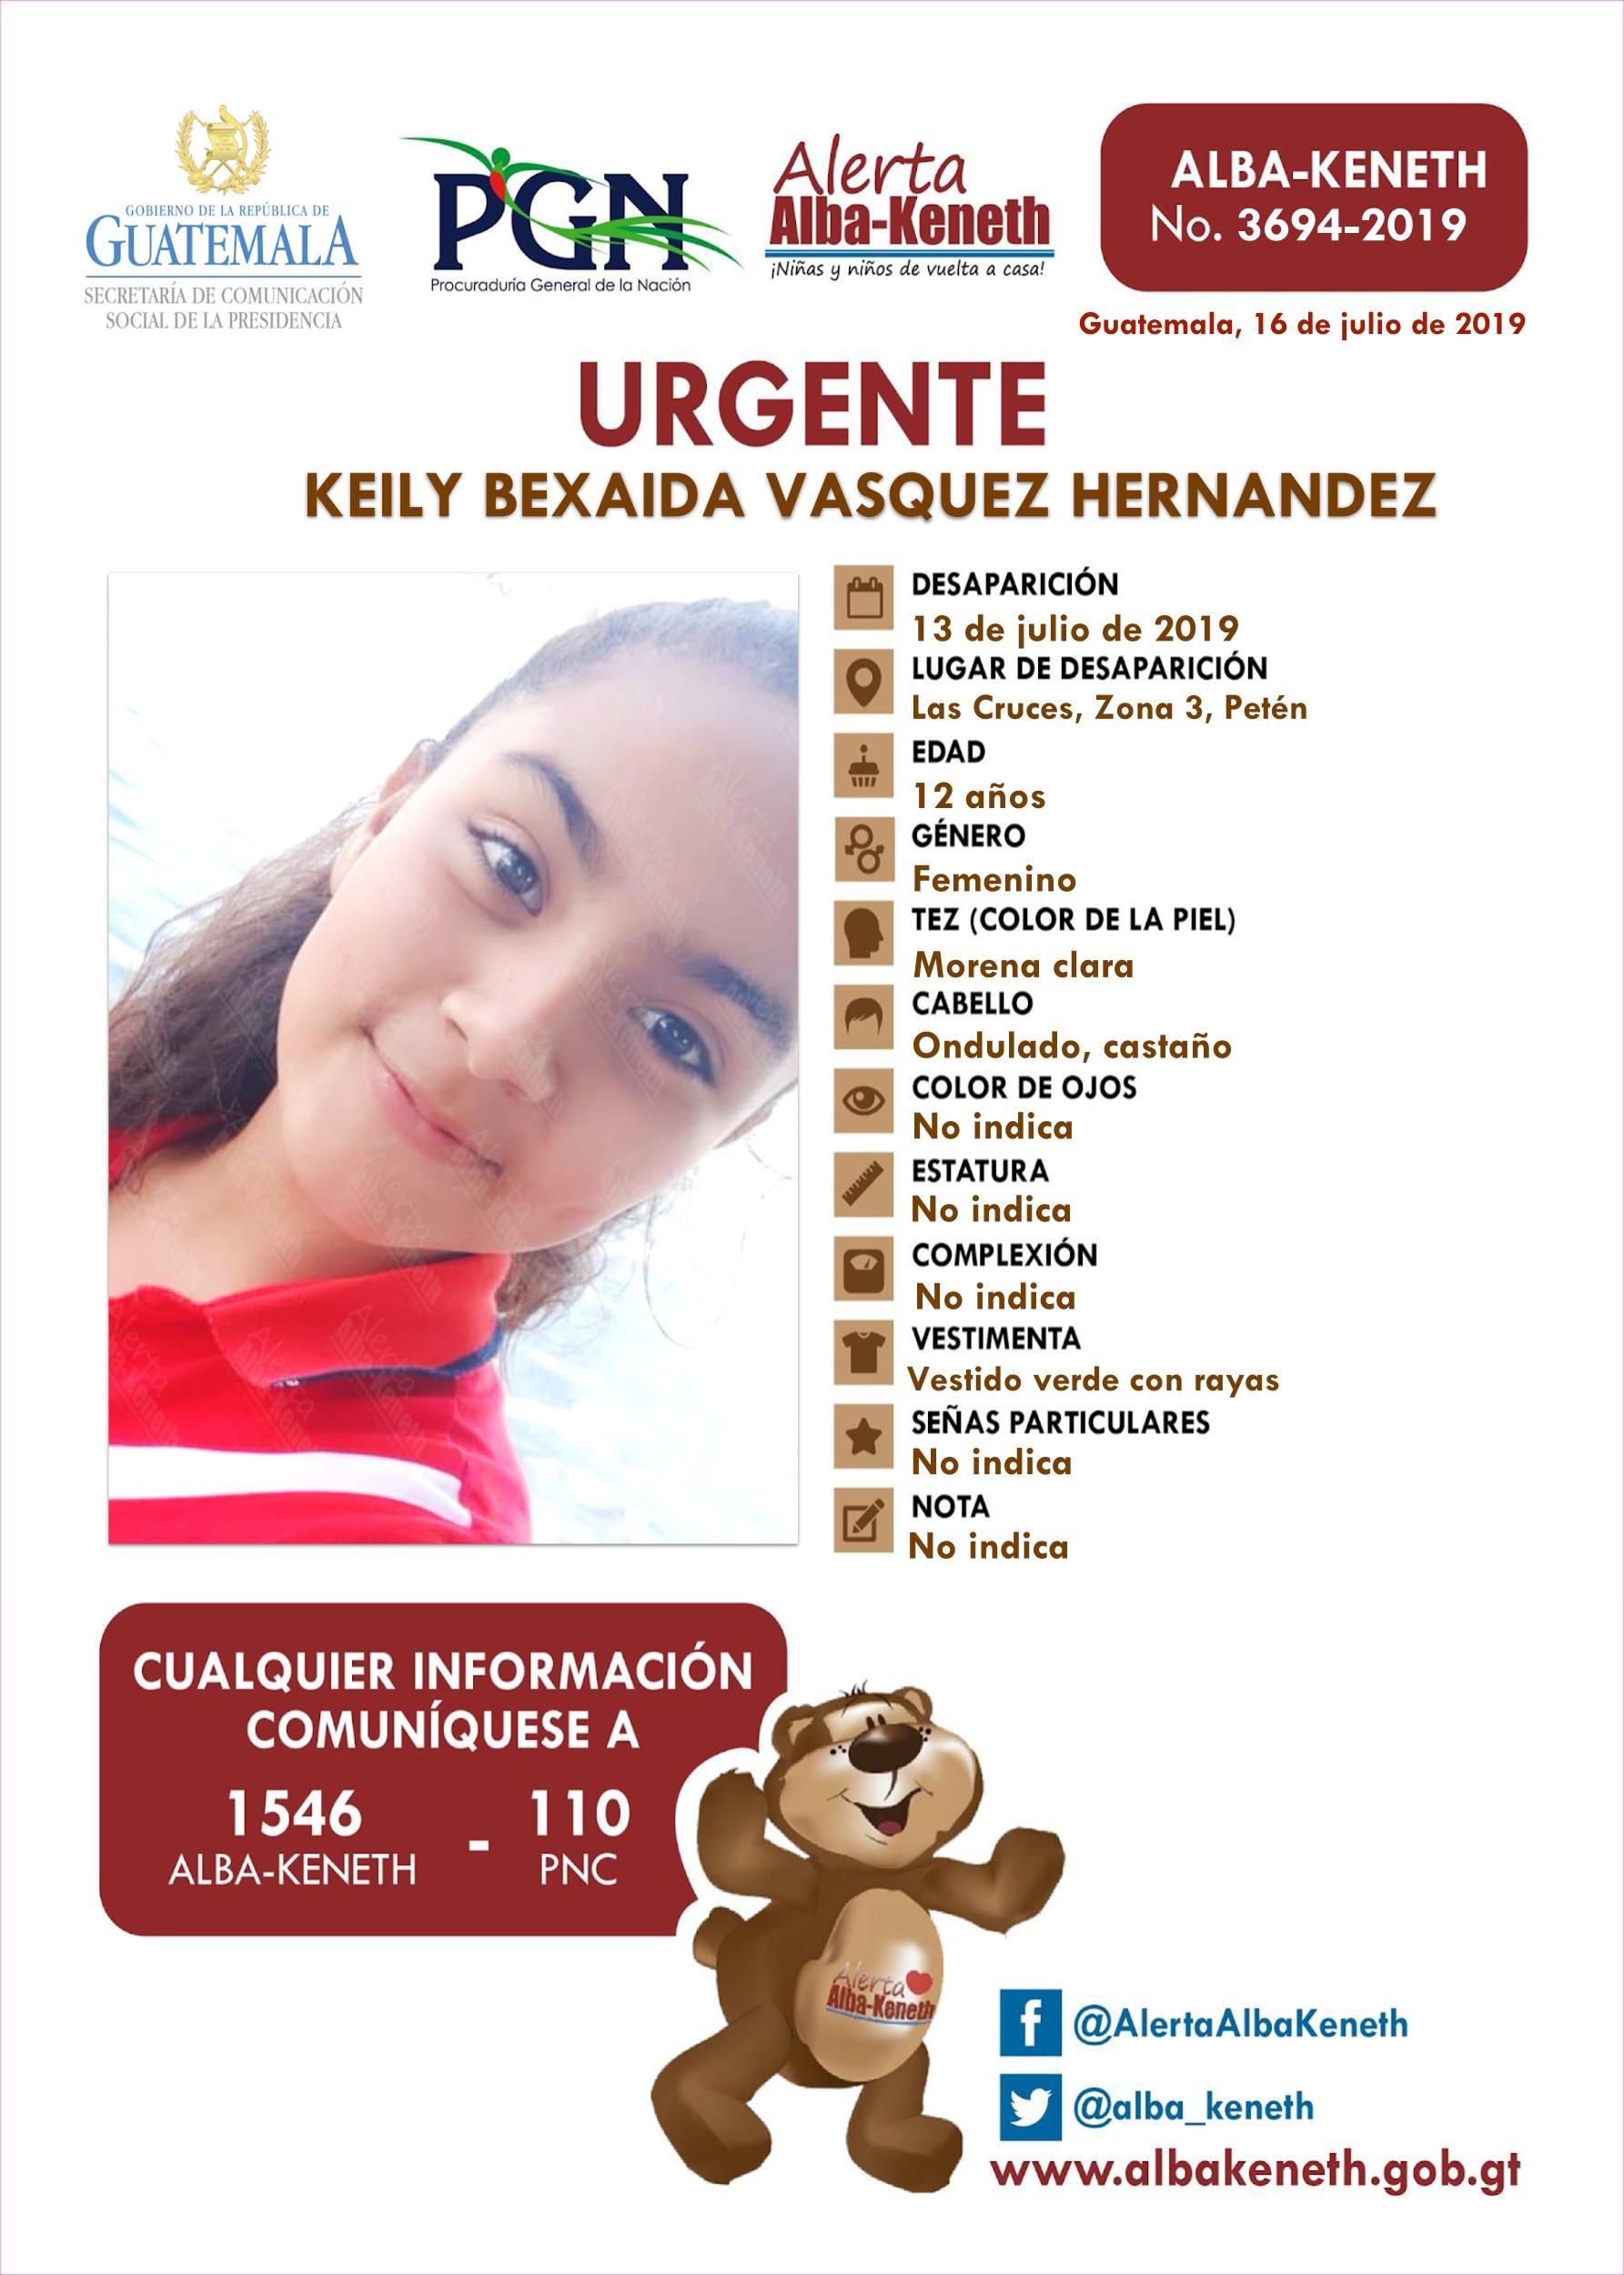 Keily Bexaida Vasquez Herandez